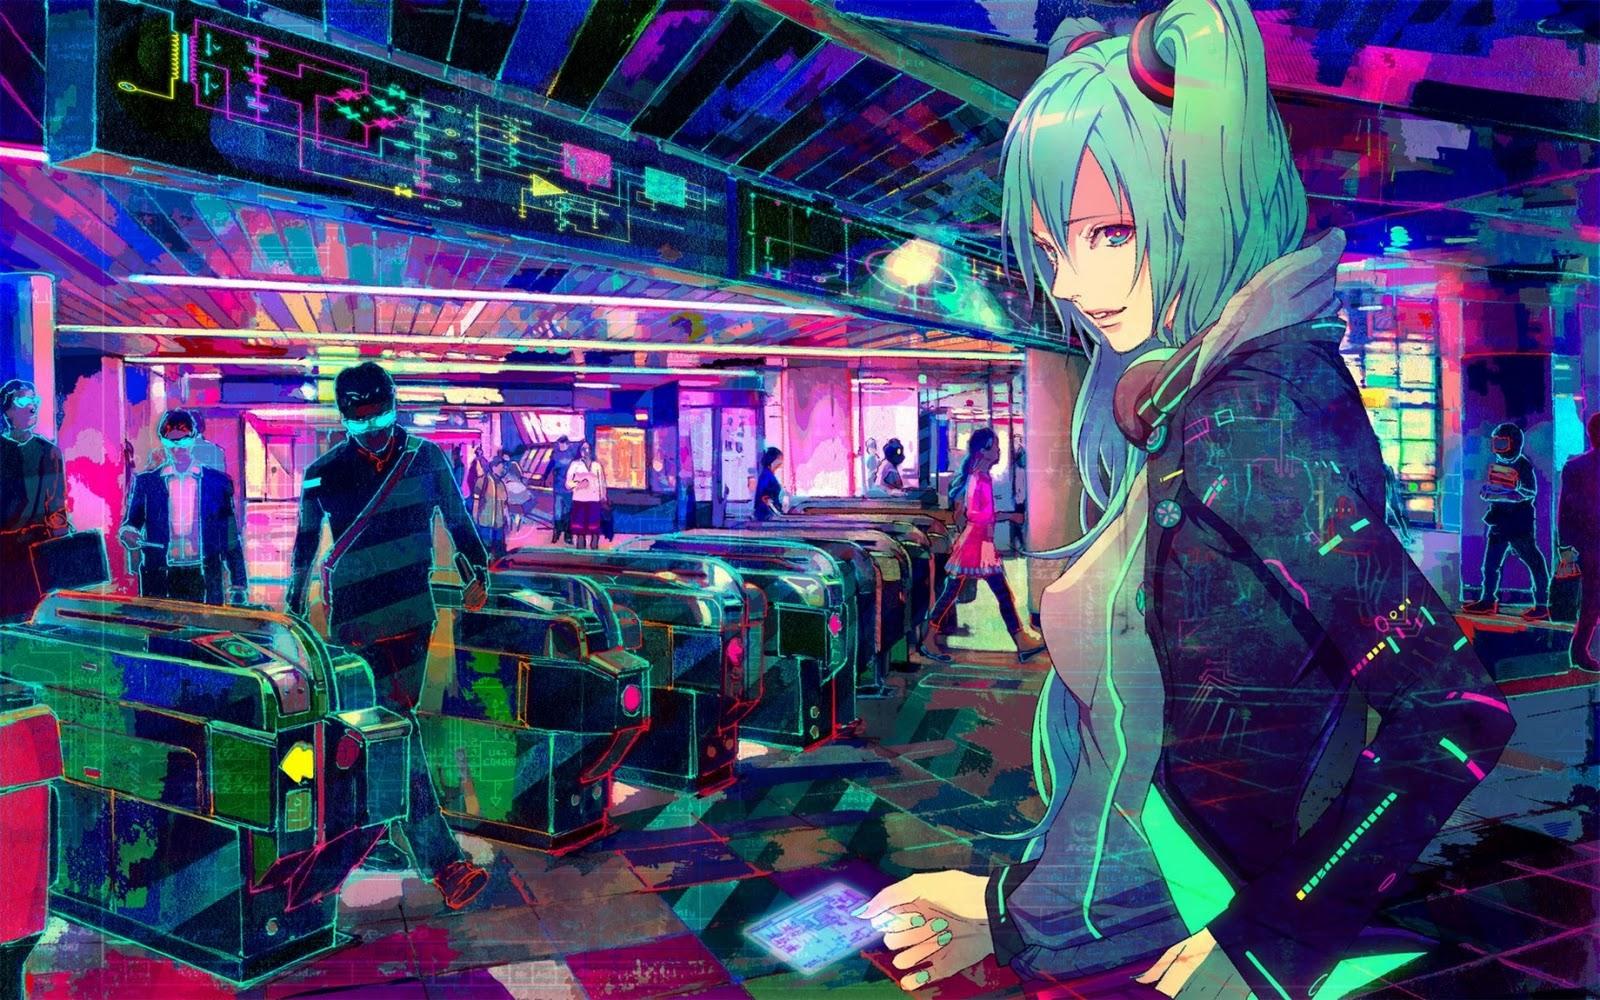 http://3.bp.blogspot.com/-0R6rrXFdrDY/TY7LgV9lyOI/AAAAAAAAAEY/li2SLB8qeAg/s1600/anime_miku_hatsune_wallpaper_0072-1680x1050.jpg